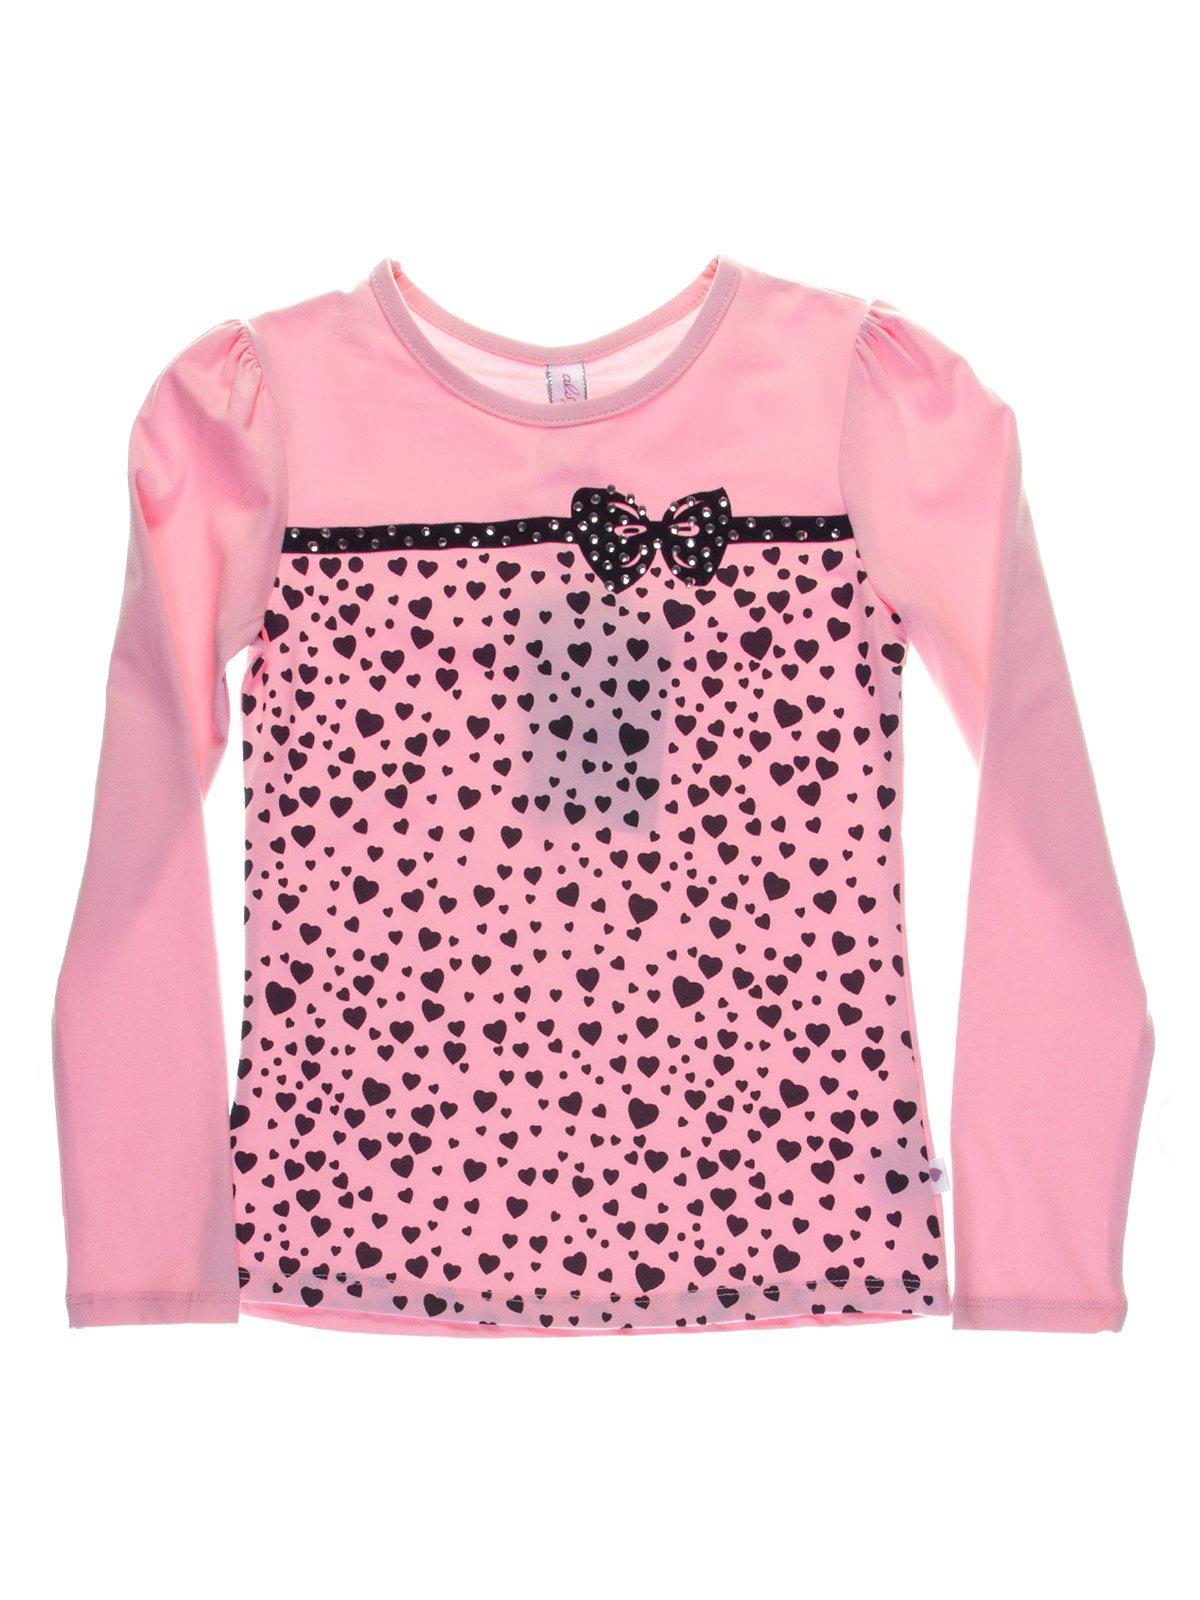 Джемпер розовый в принт-сердечки с декором   1039105